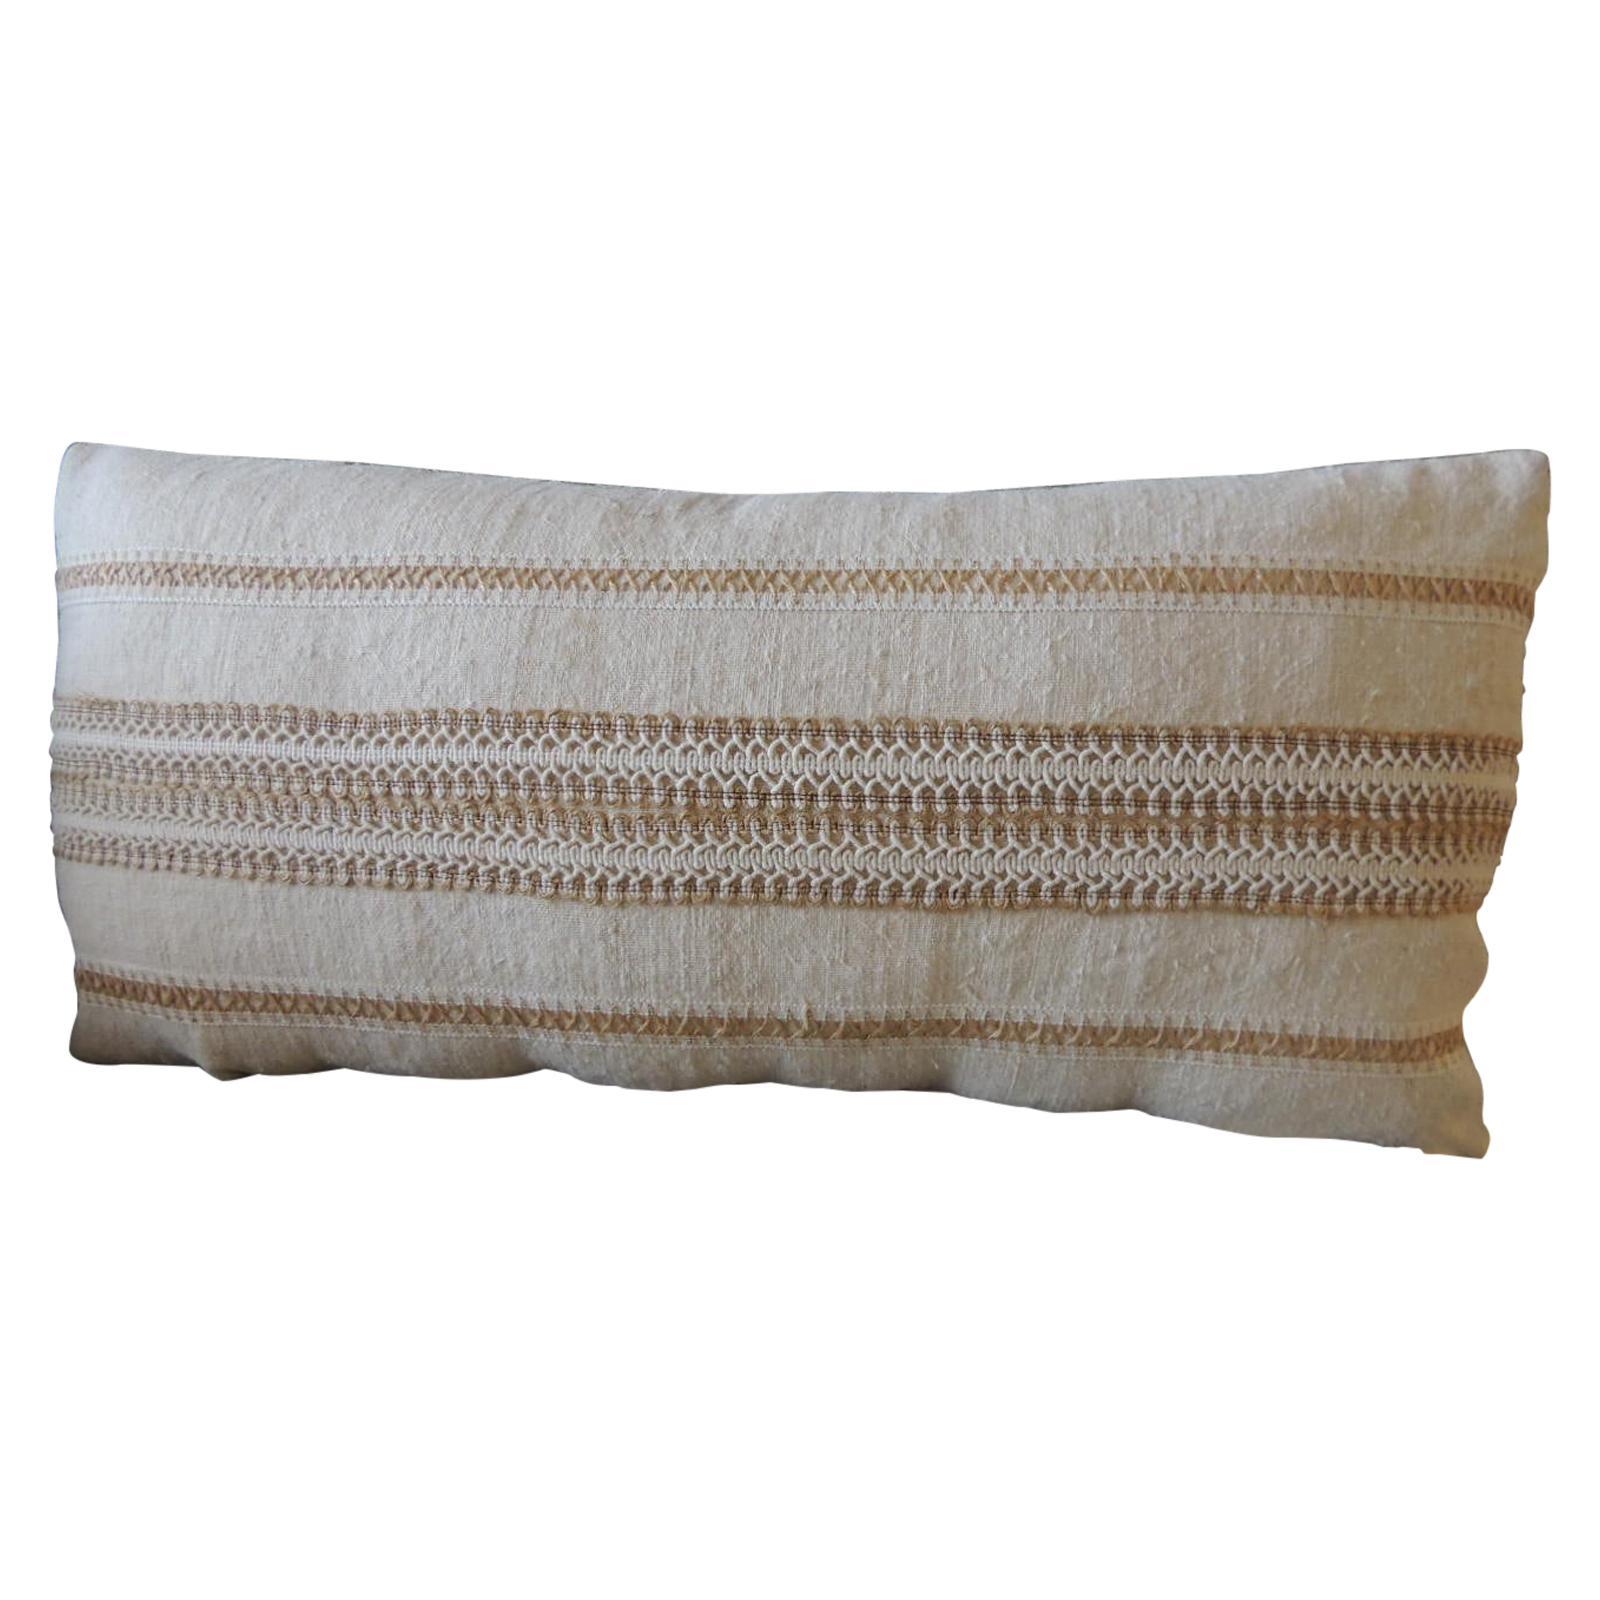 Antique Linen Decorative Bolster Pillow with Vintage Woven Jute Trim